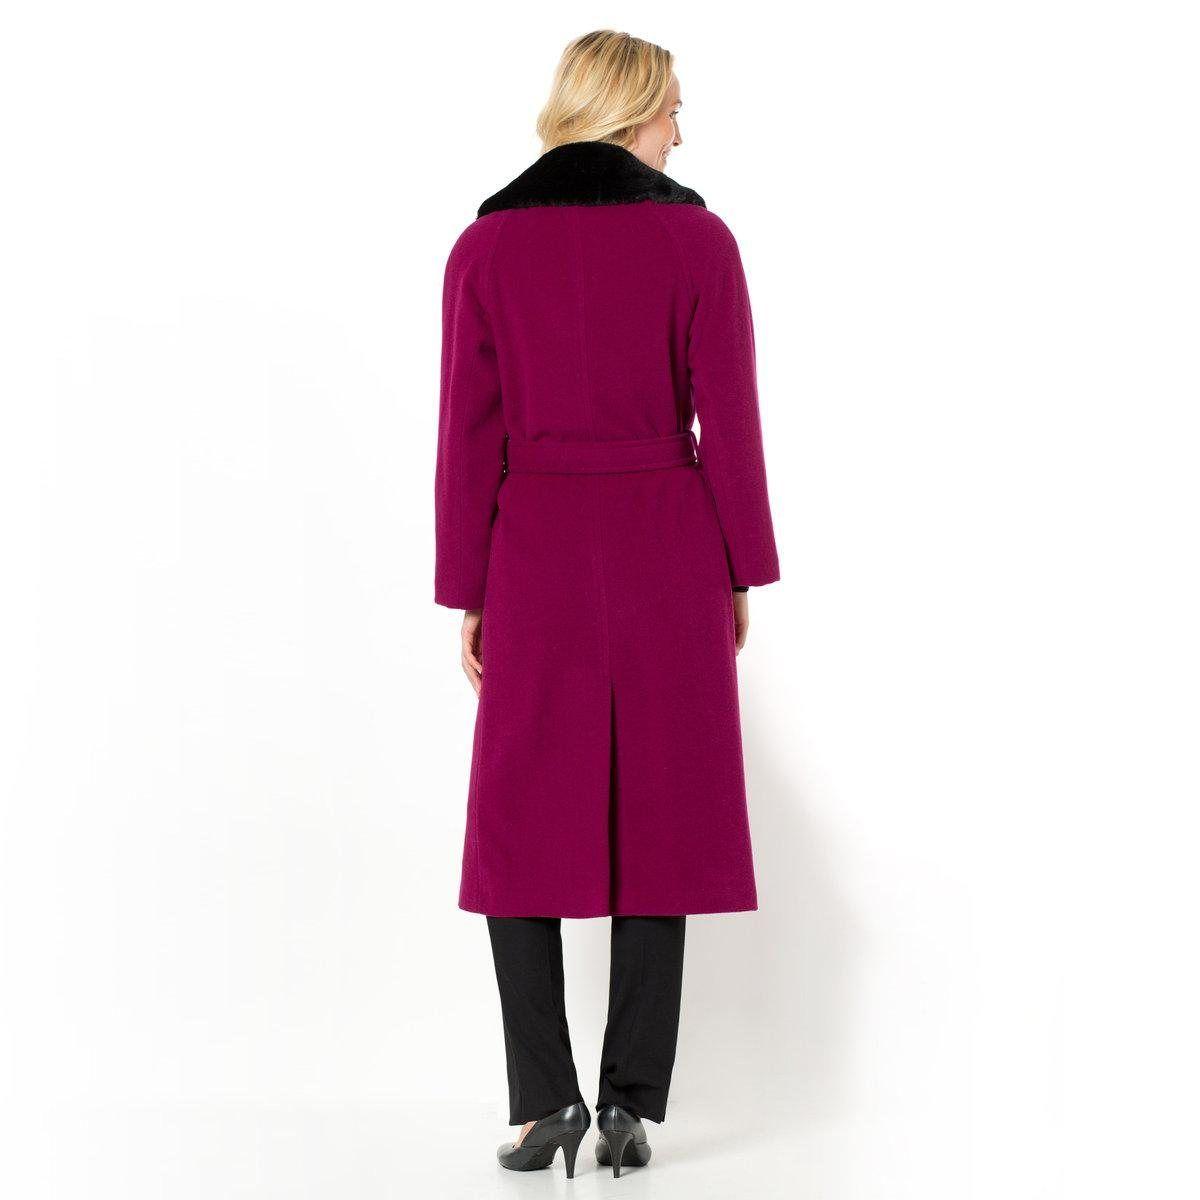 Soldes manteaux femme long